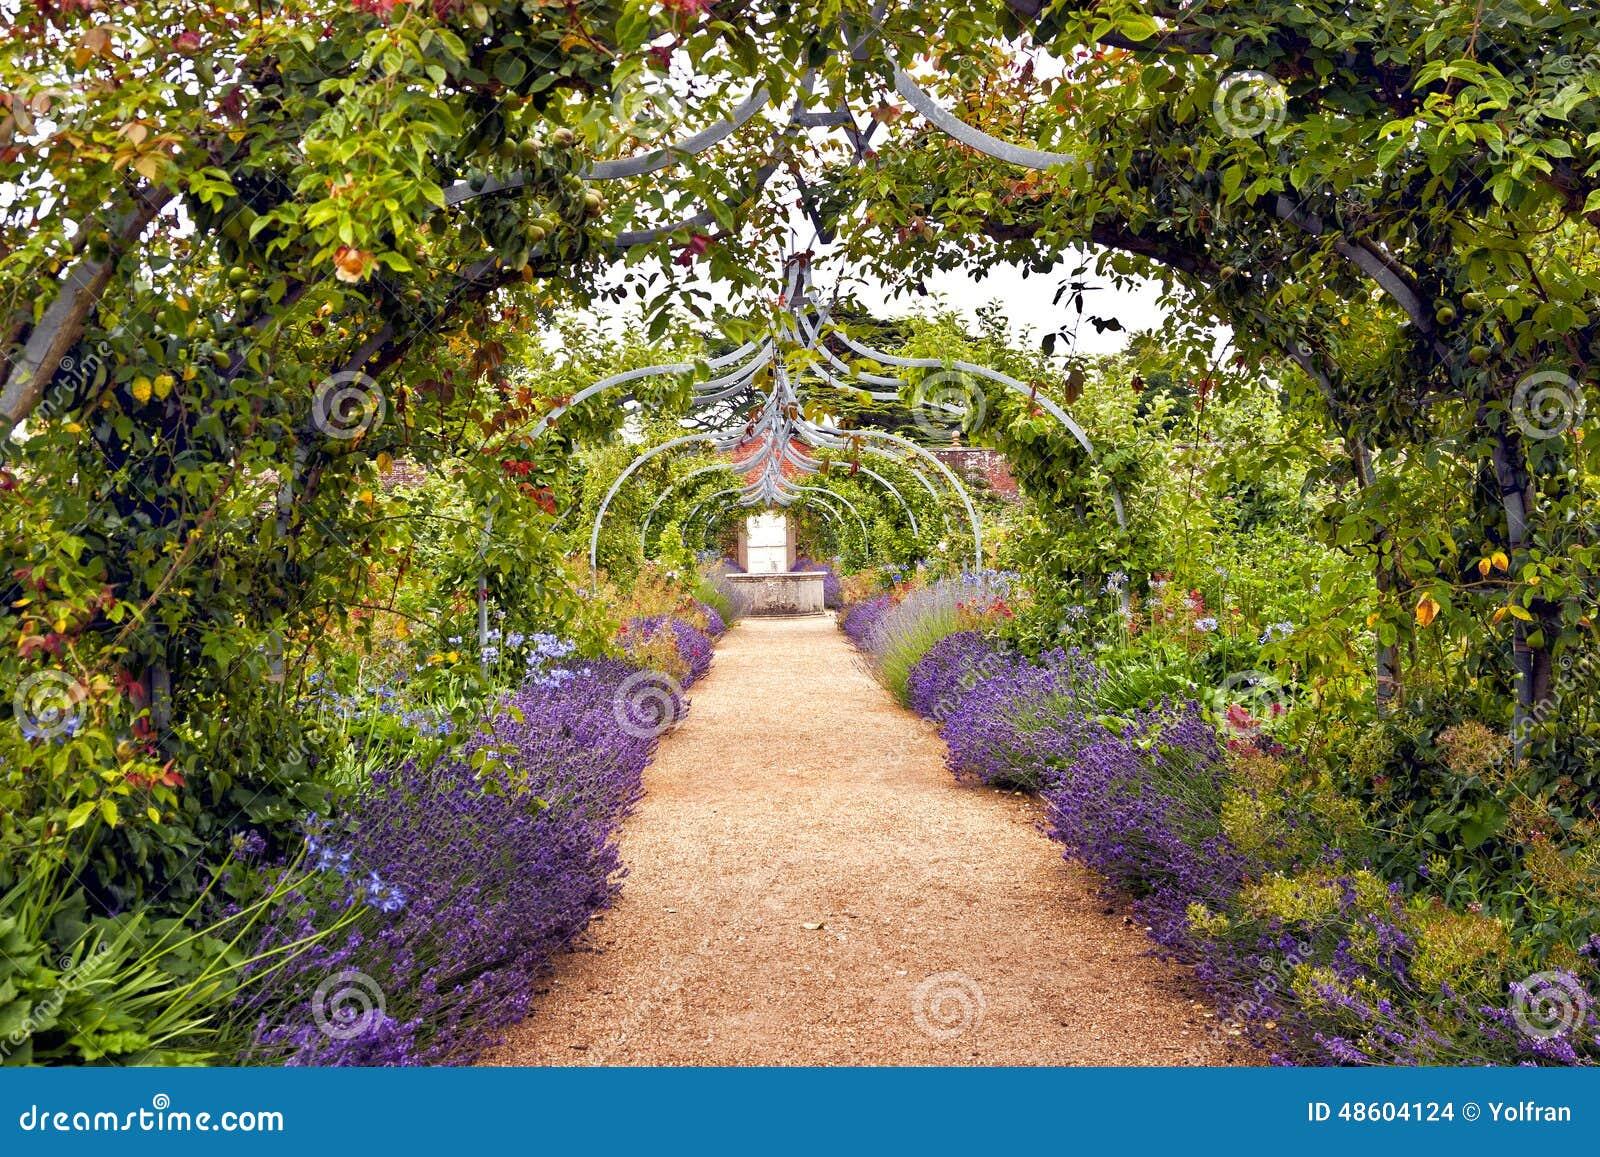 Jardin romantique compl tement des fleurs en fleur for Jardin romantique anglais